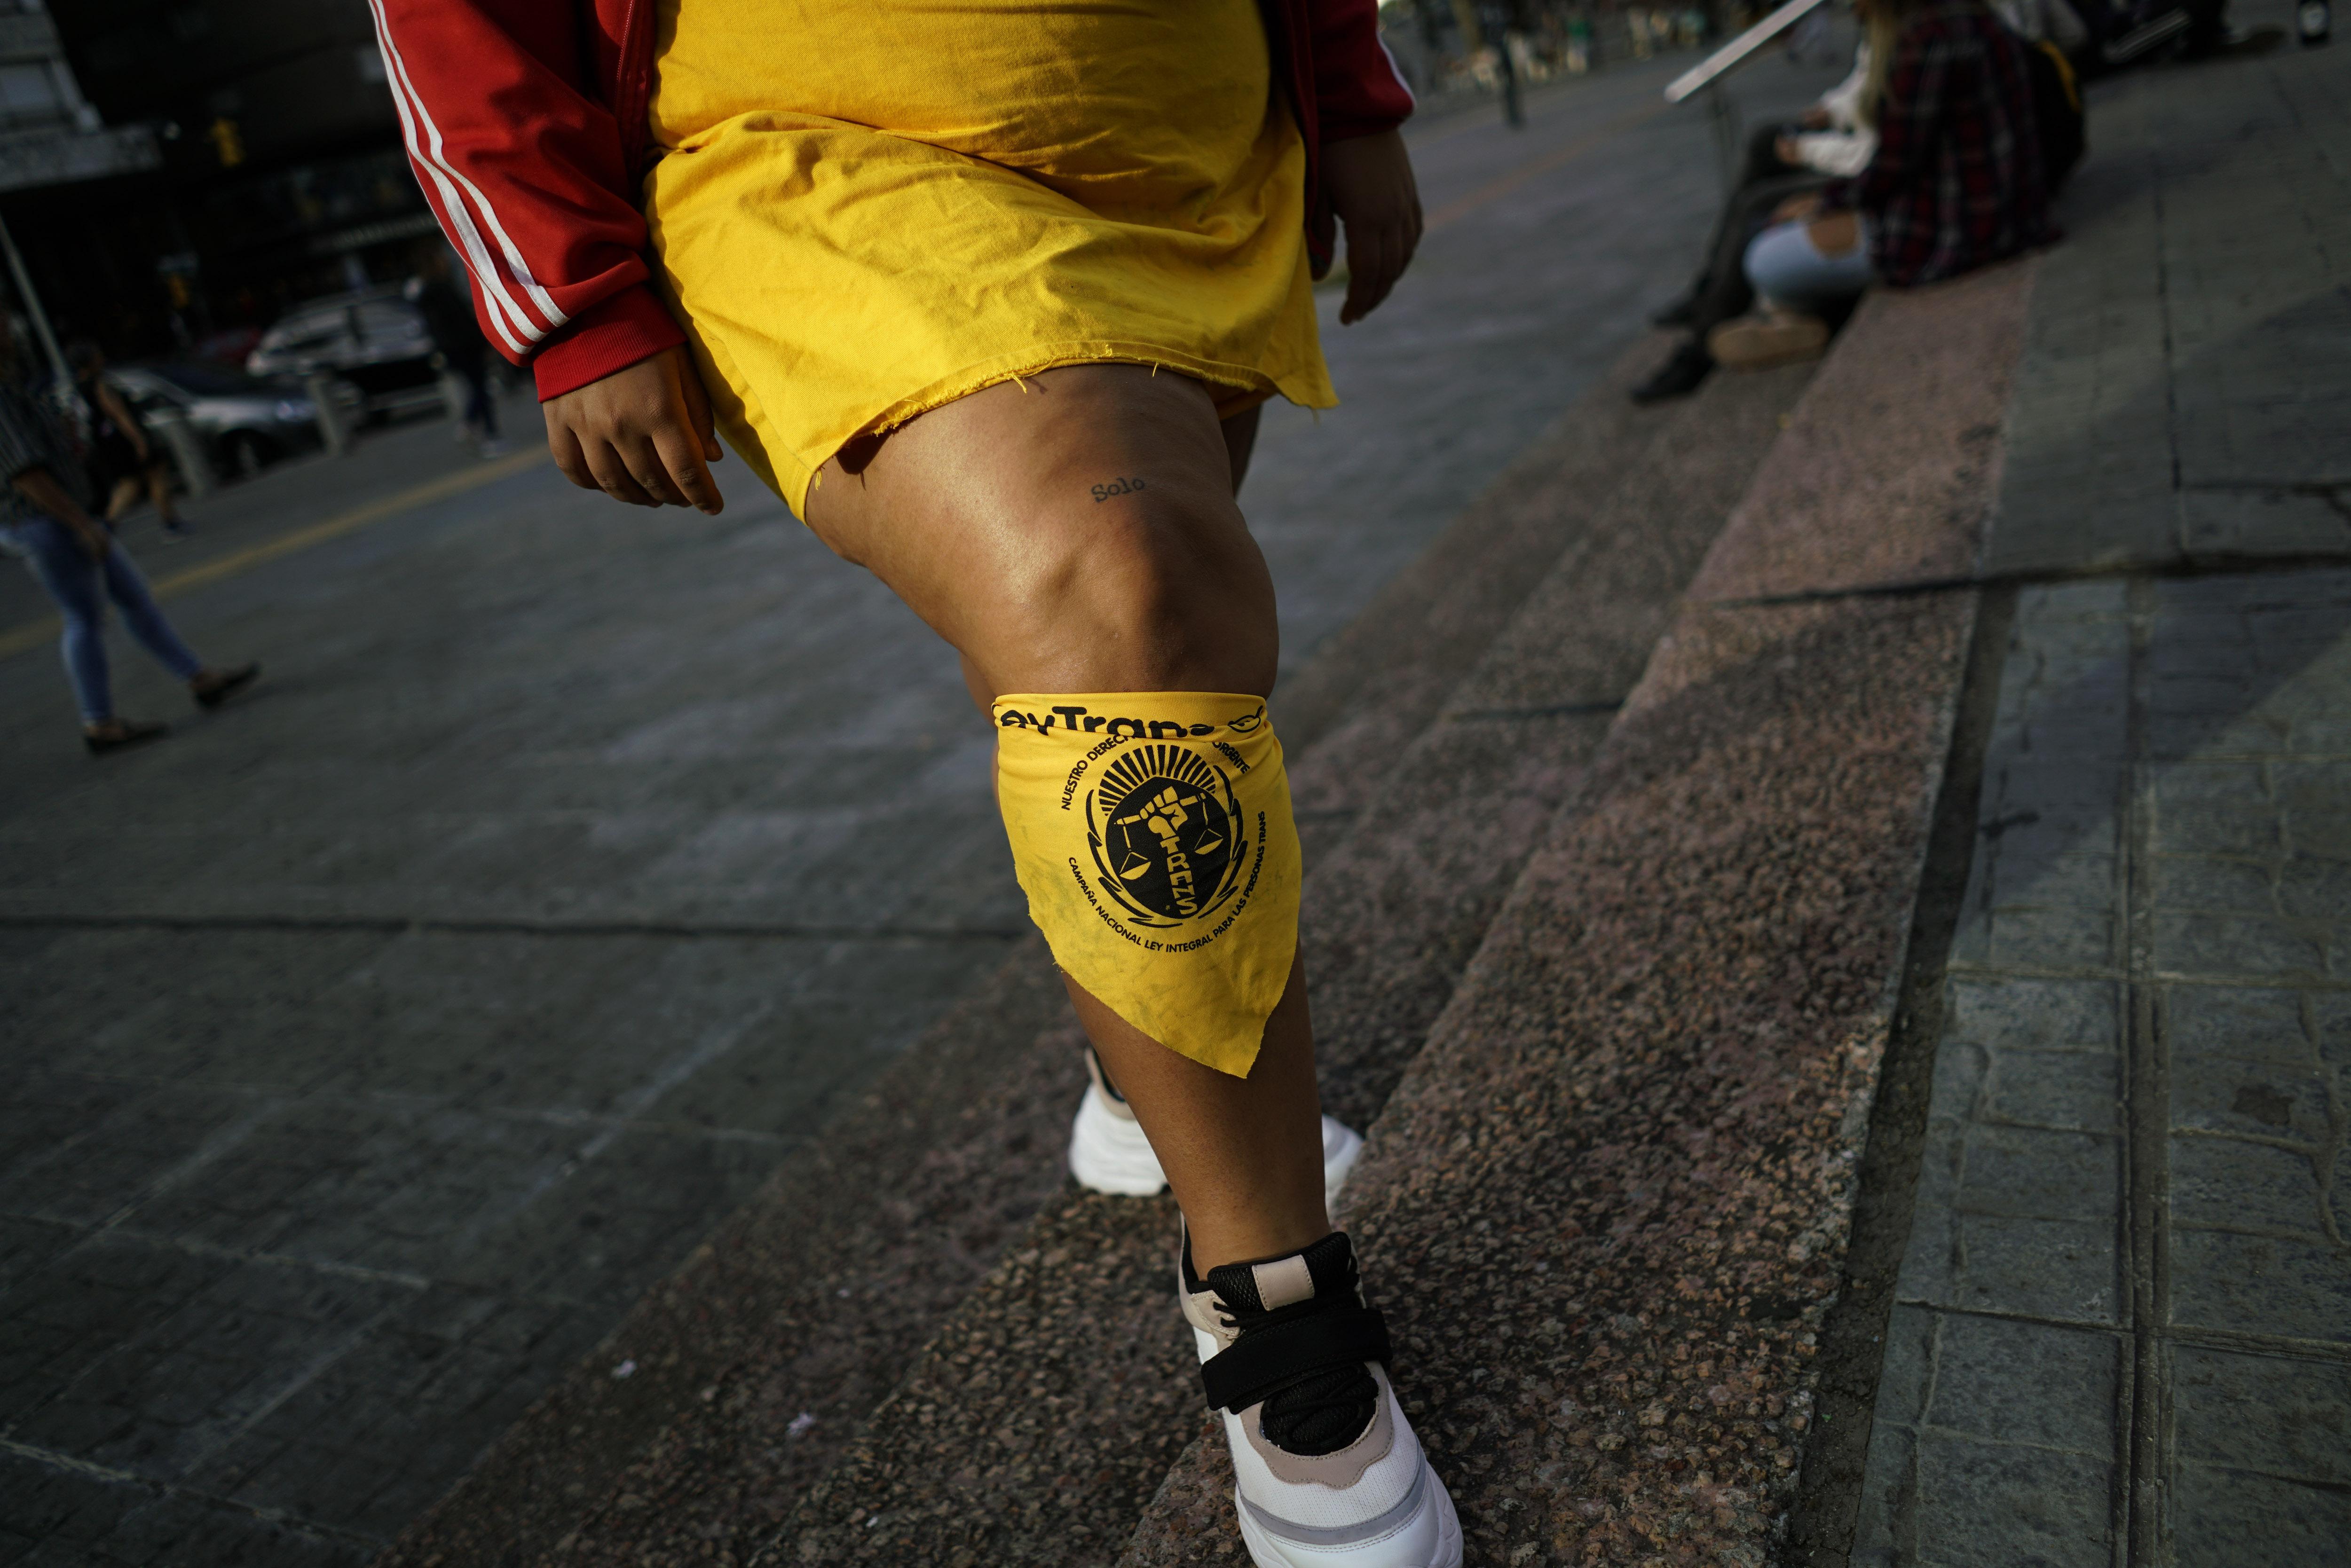 El pañuelo amarillo se convirtió en un símbolo de la marcha. (AP Photo/Matilde Campodonico)